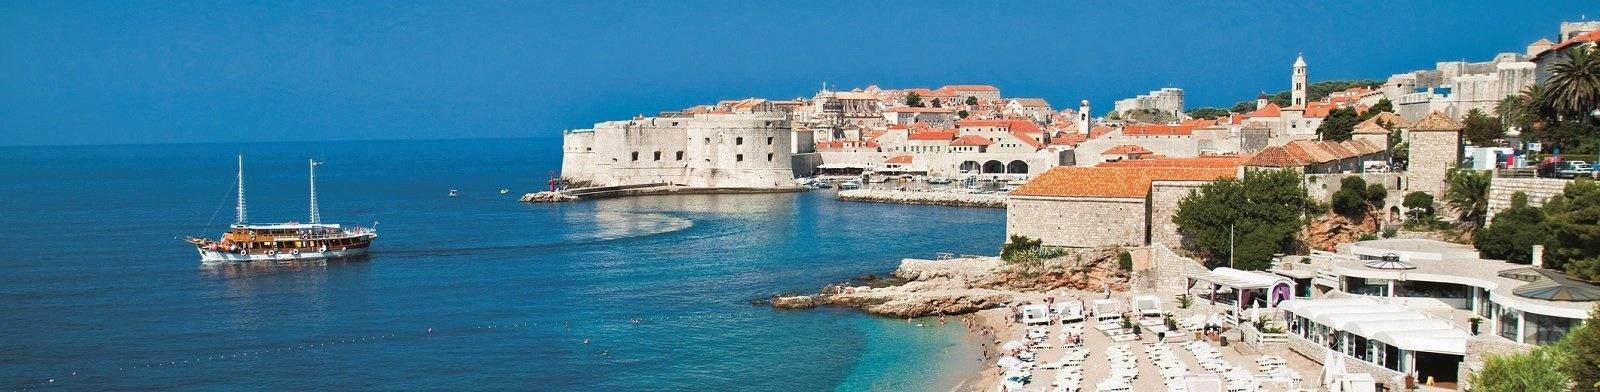 Luxury Croatia Holidays